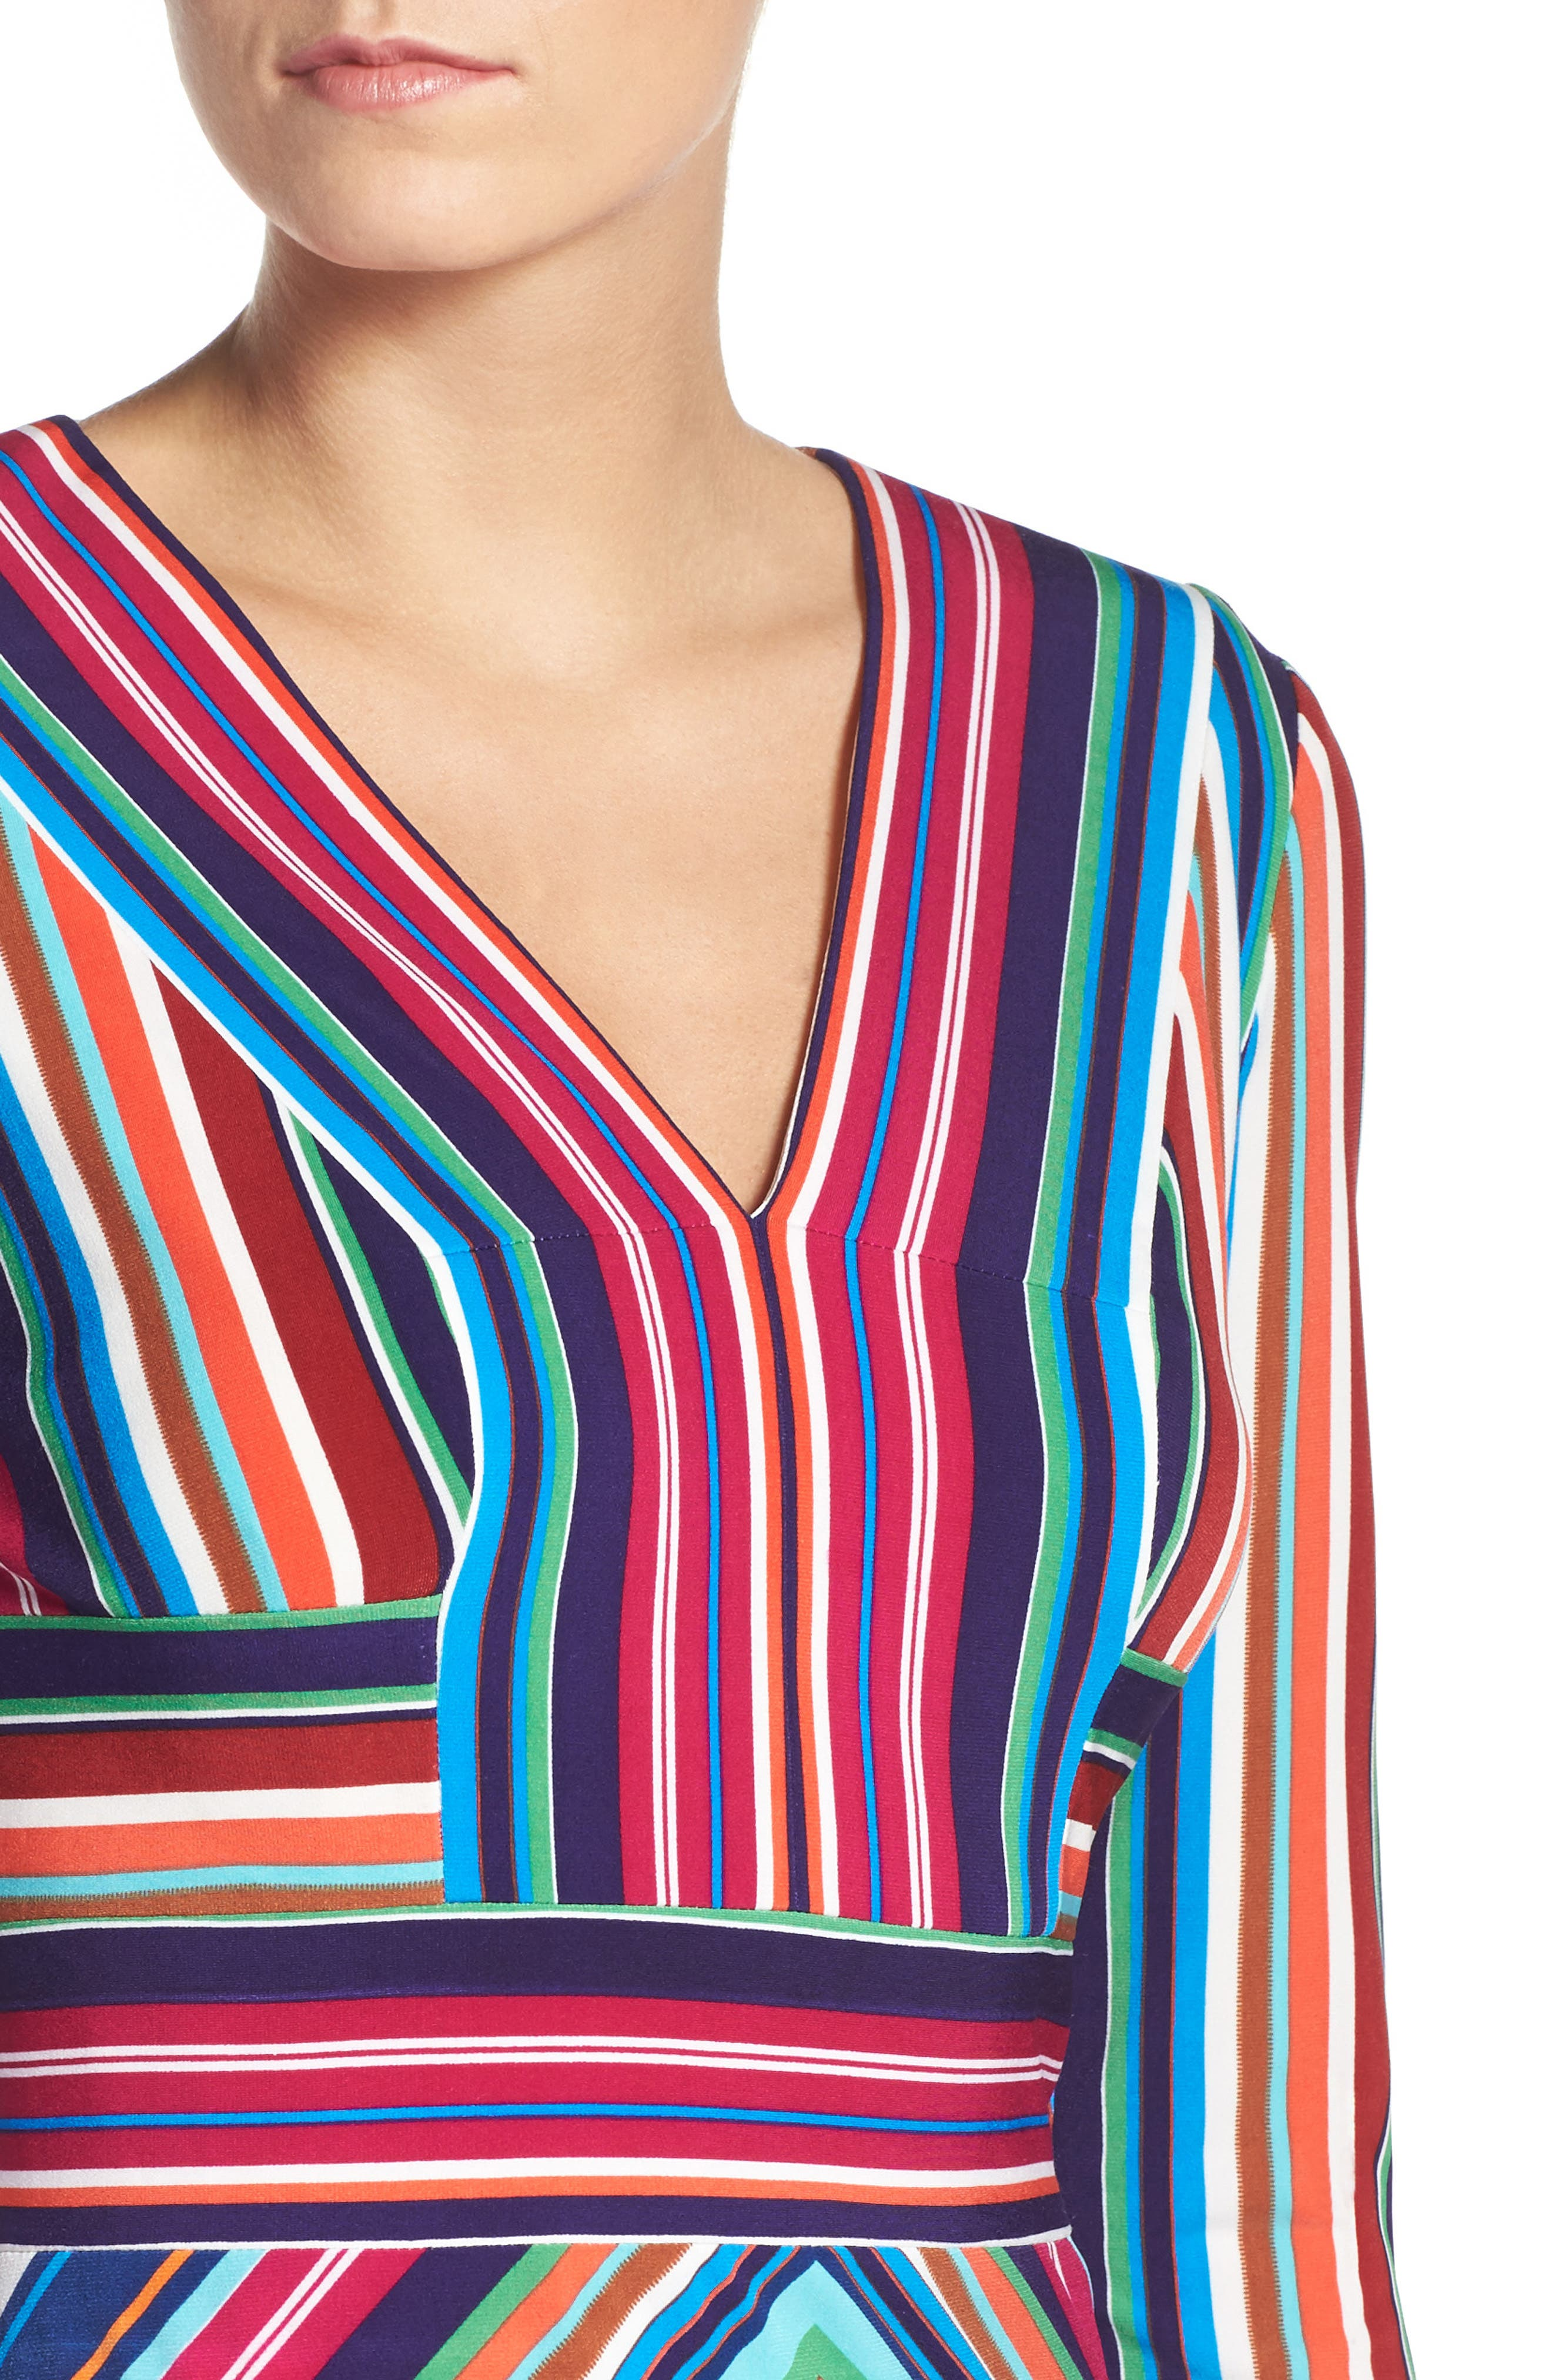 Stripe Midi Dress,                             Alternate thumbnail 4, color,                             415